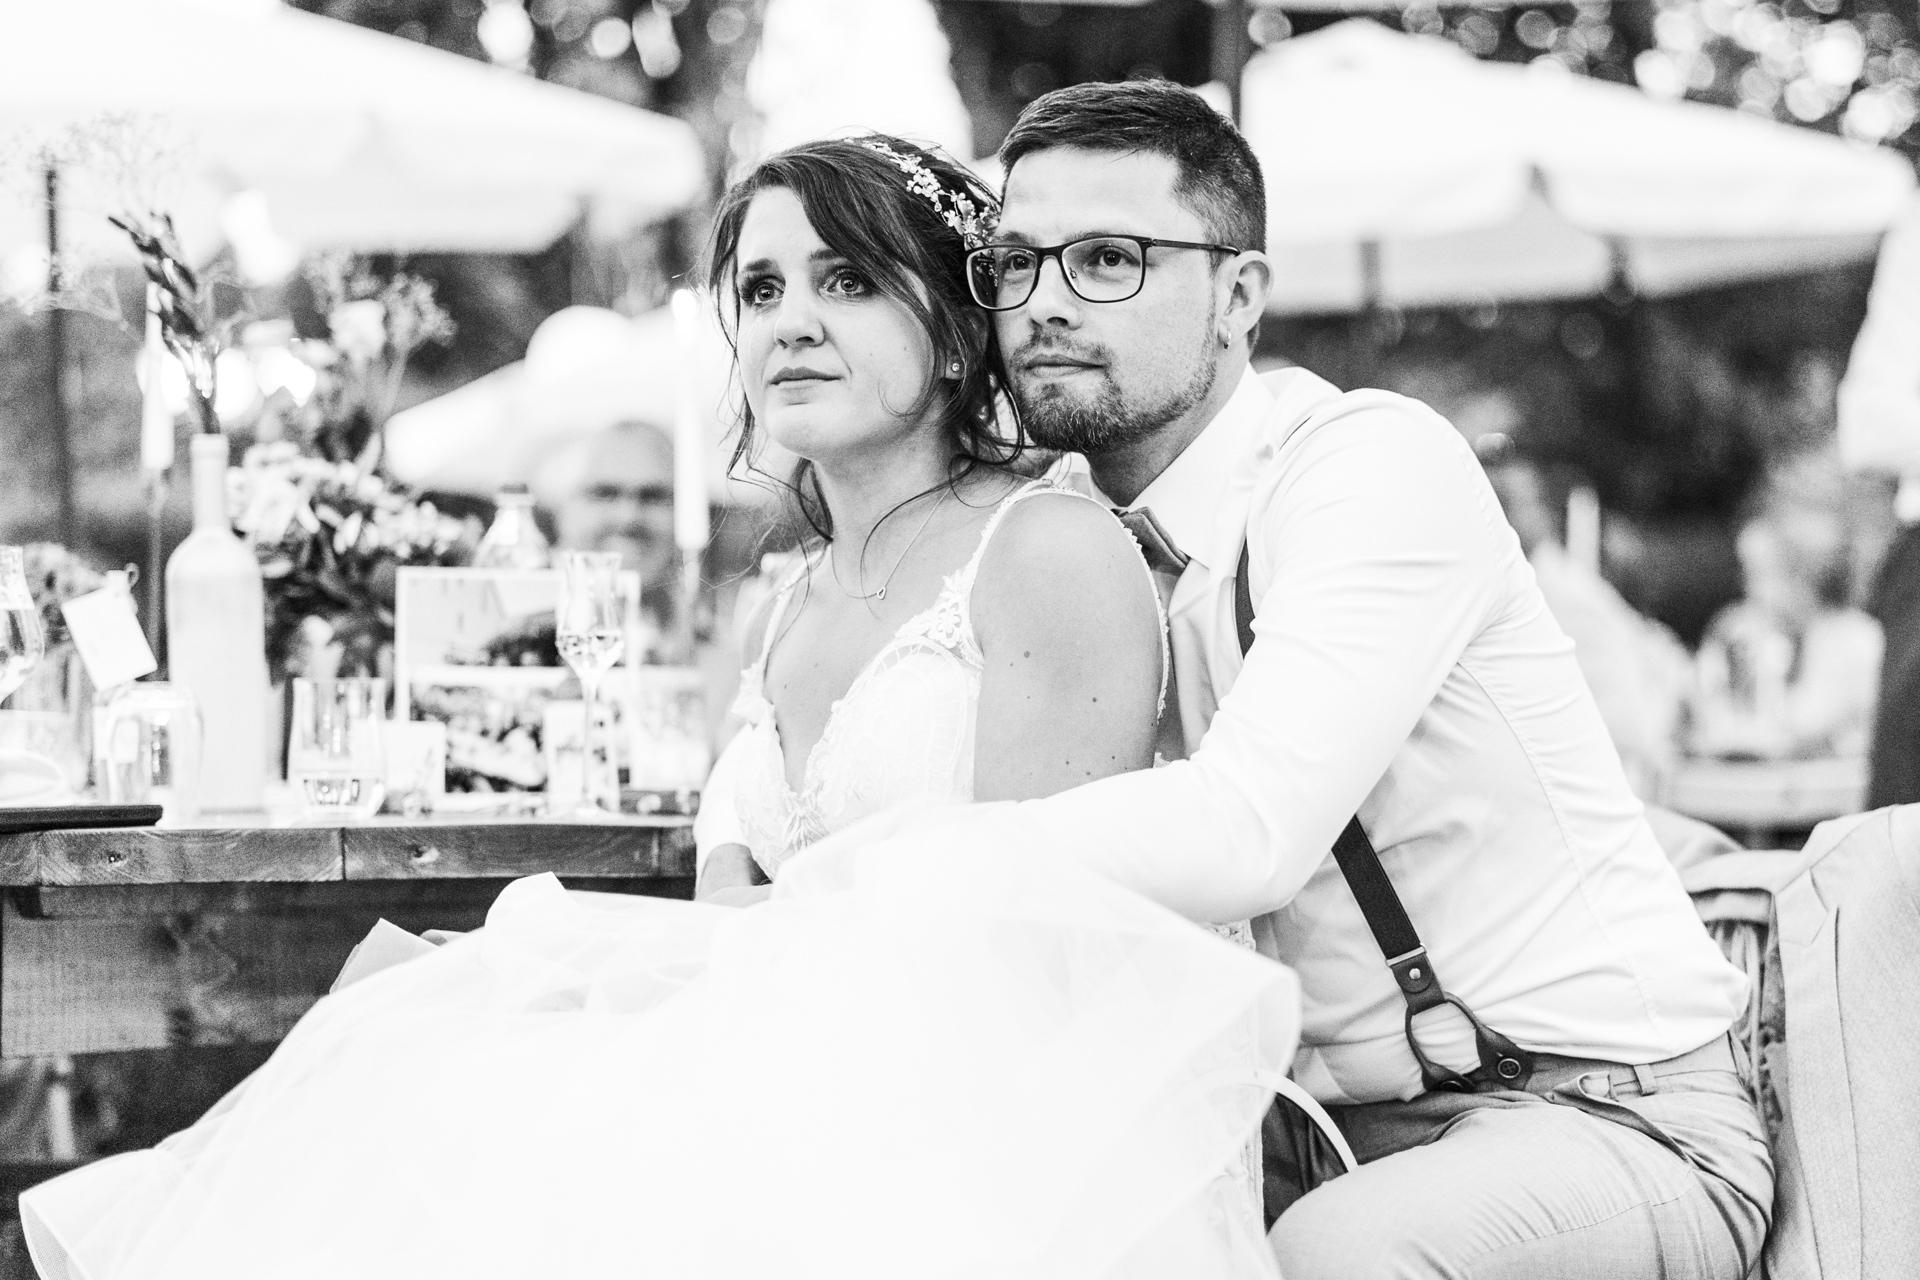 Vor Rührung weinende Braut bei Hochzeitsfeier